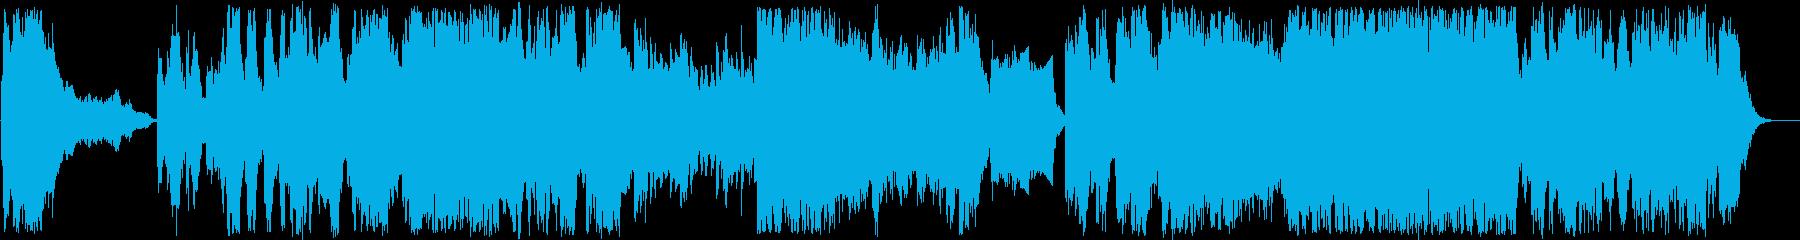 上品で高貴なシュトラウス風ワルツ の再生済みの波形